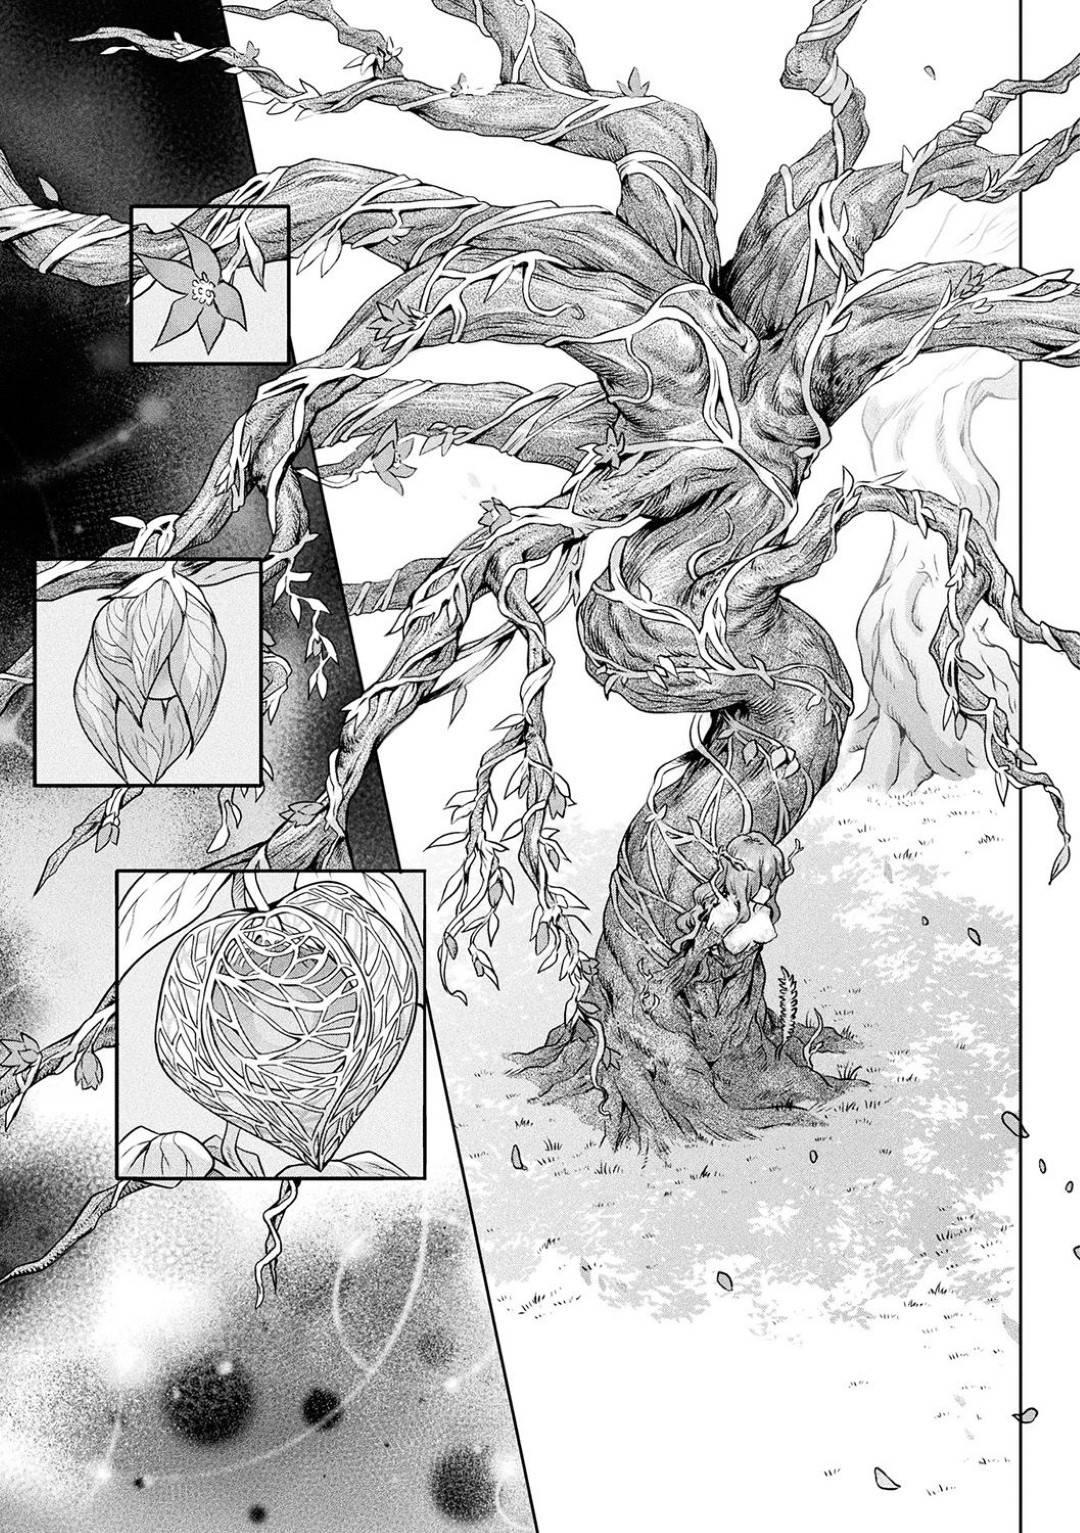 【エロ漫画】連日に及び人間たちの肉便器となる様々な種族の女達…寄生樹が成長するまでの地獄の1か月間を奴隷として過ごす!【タケ:寄生樹】